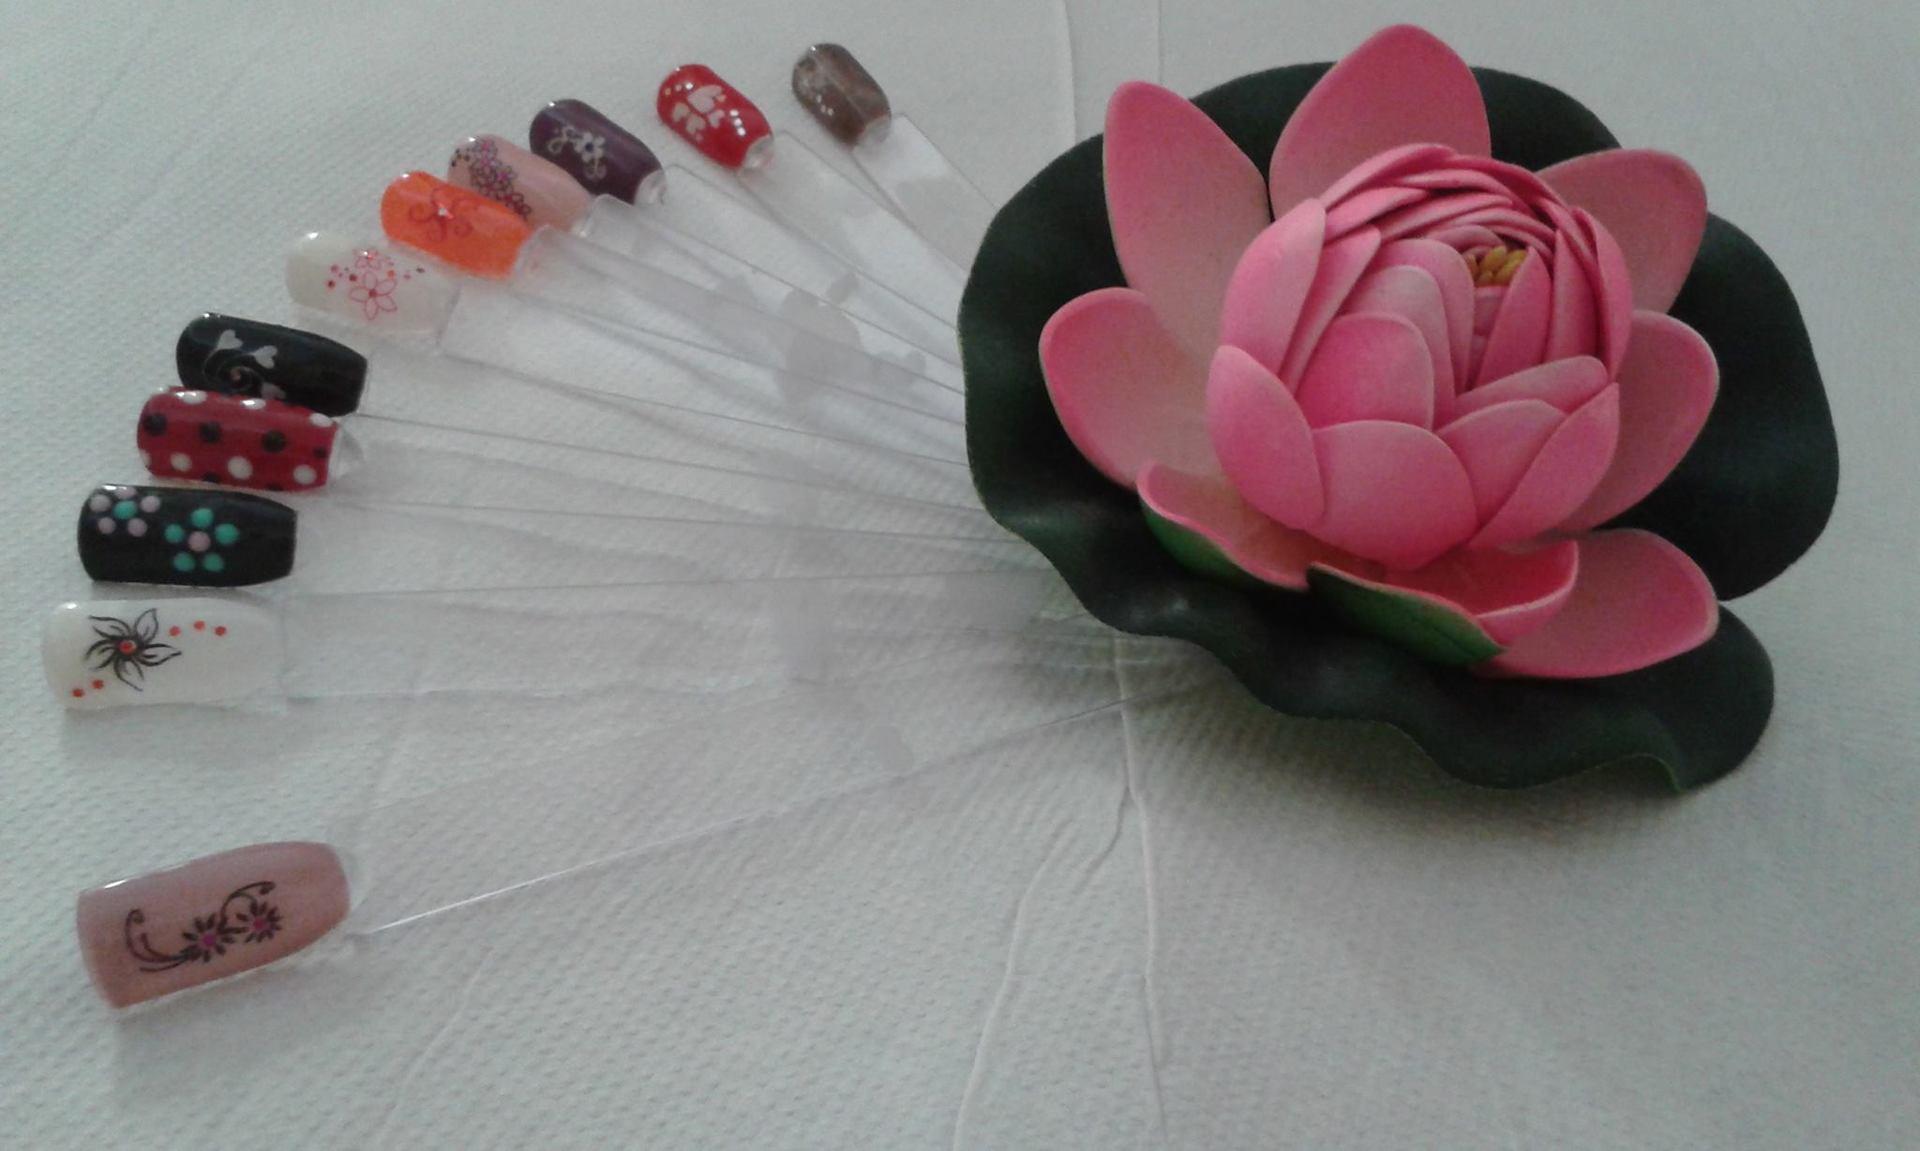 campioni di unghie finte colorate